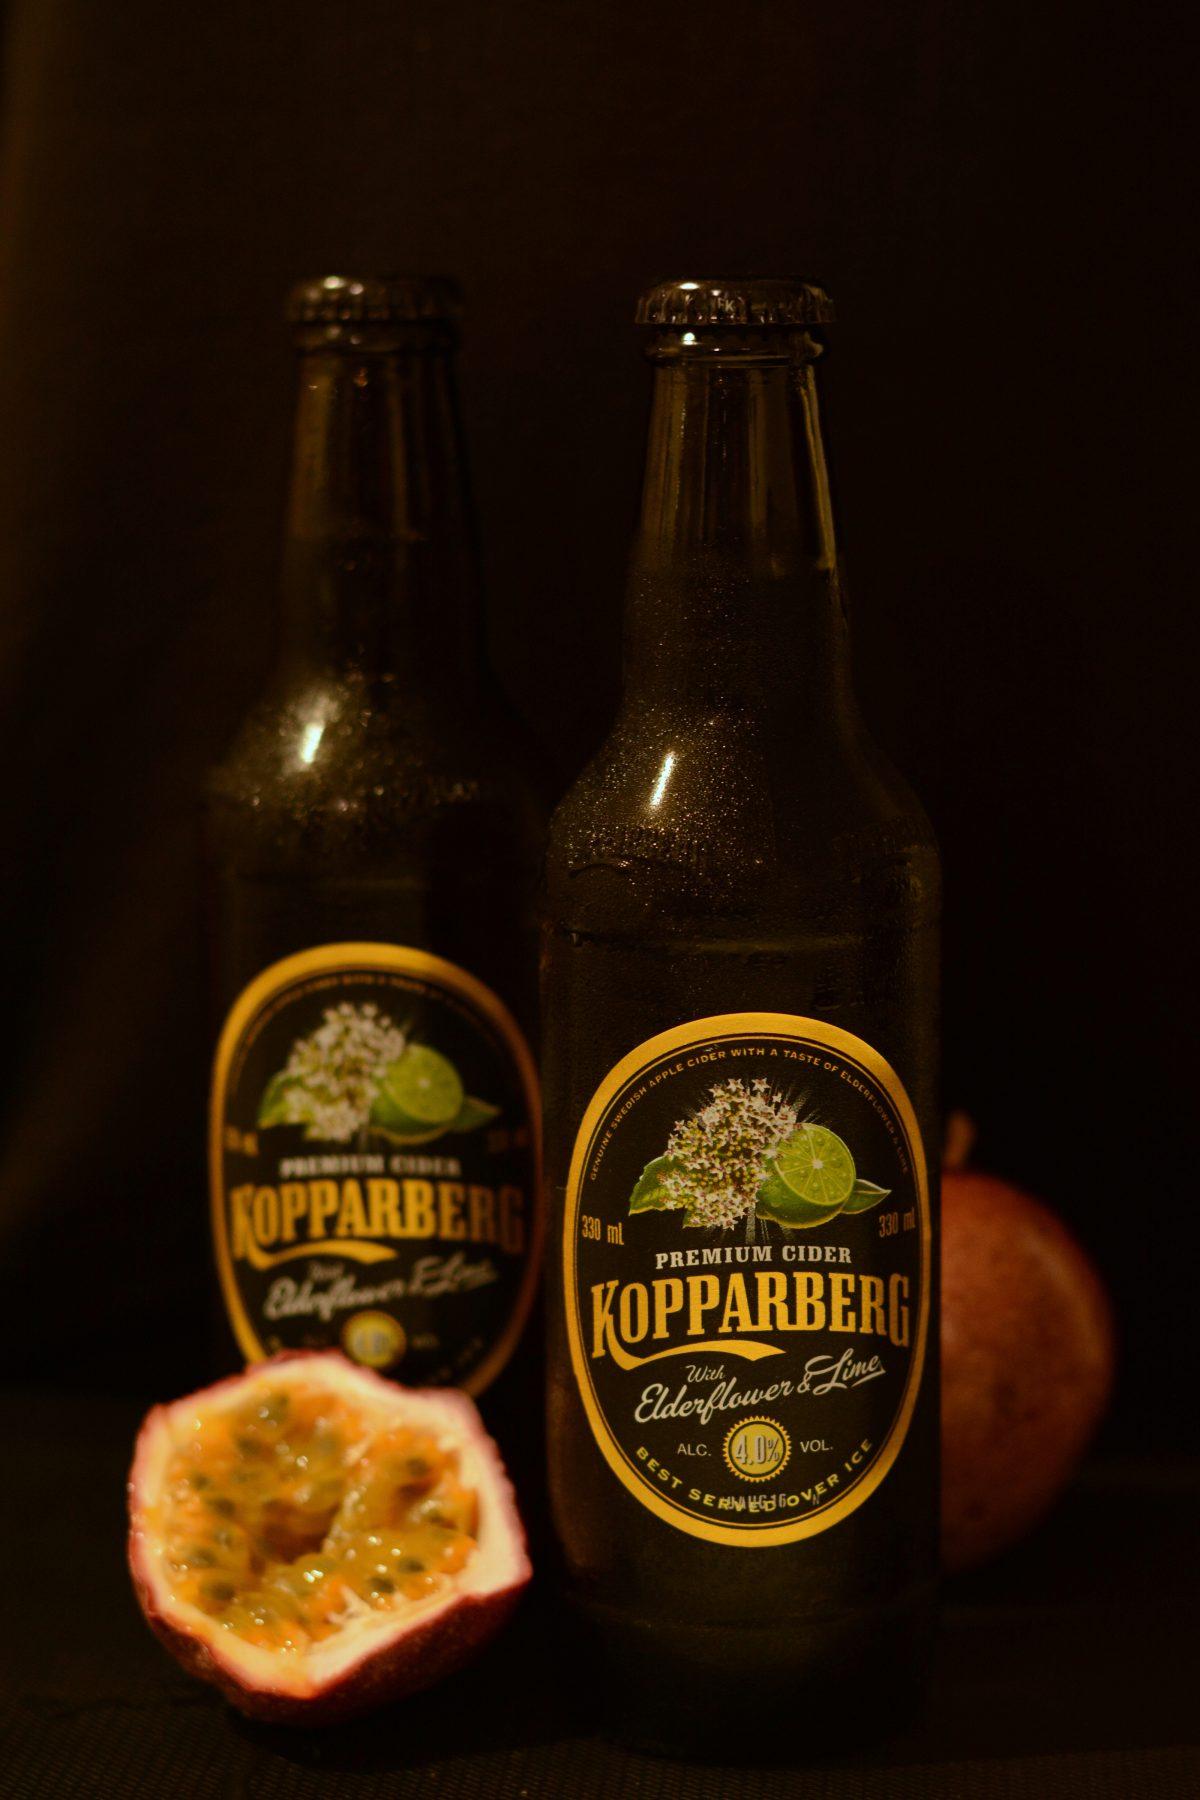 Kopparberg Elderflower & Lime Cider - a premium cider from Sweden - thespiceadventuress.com